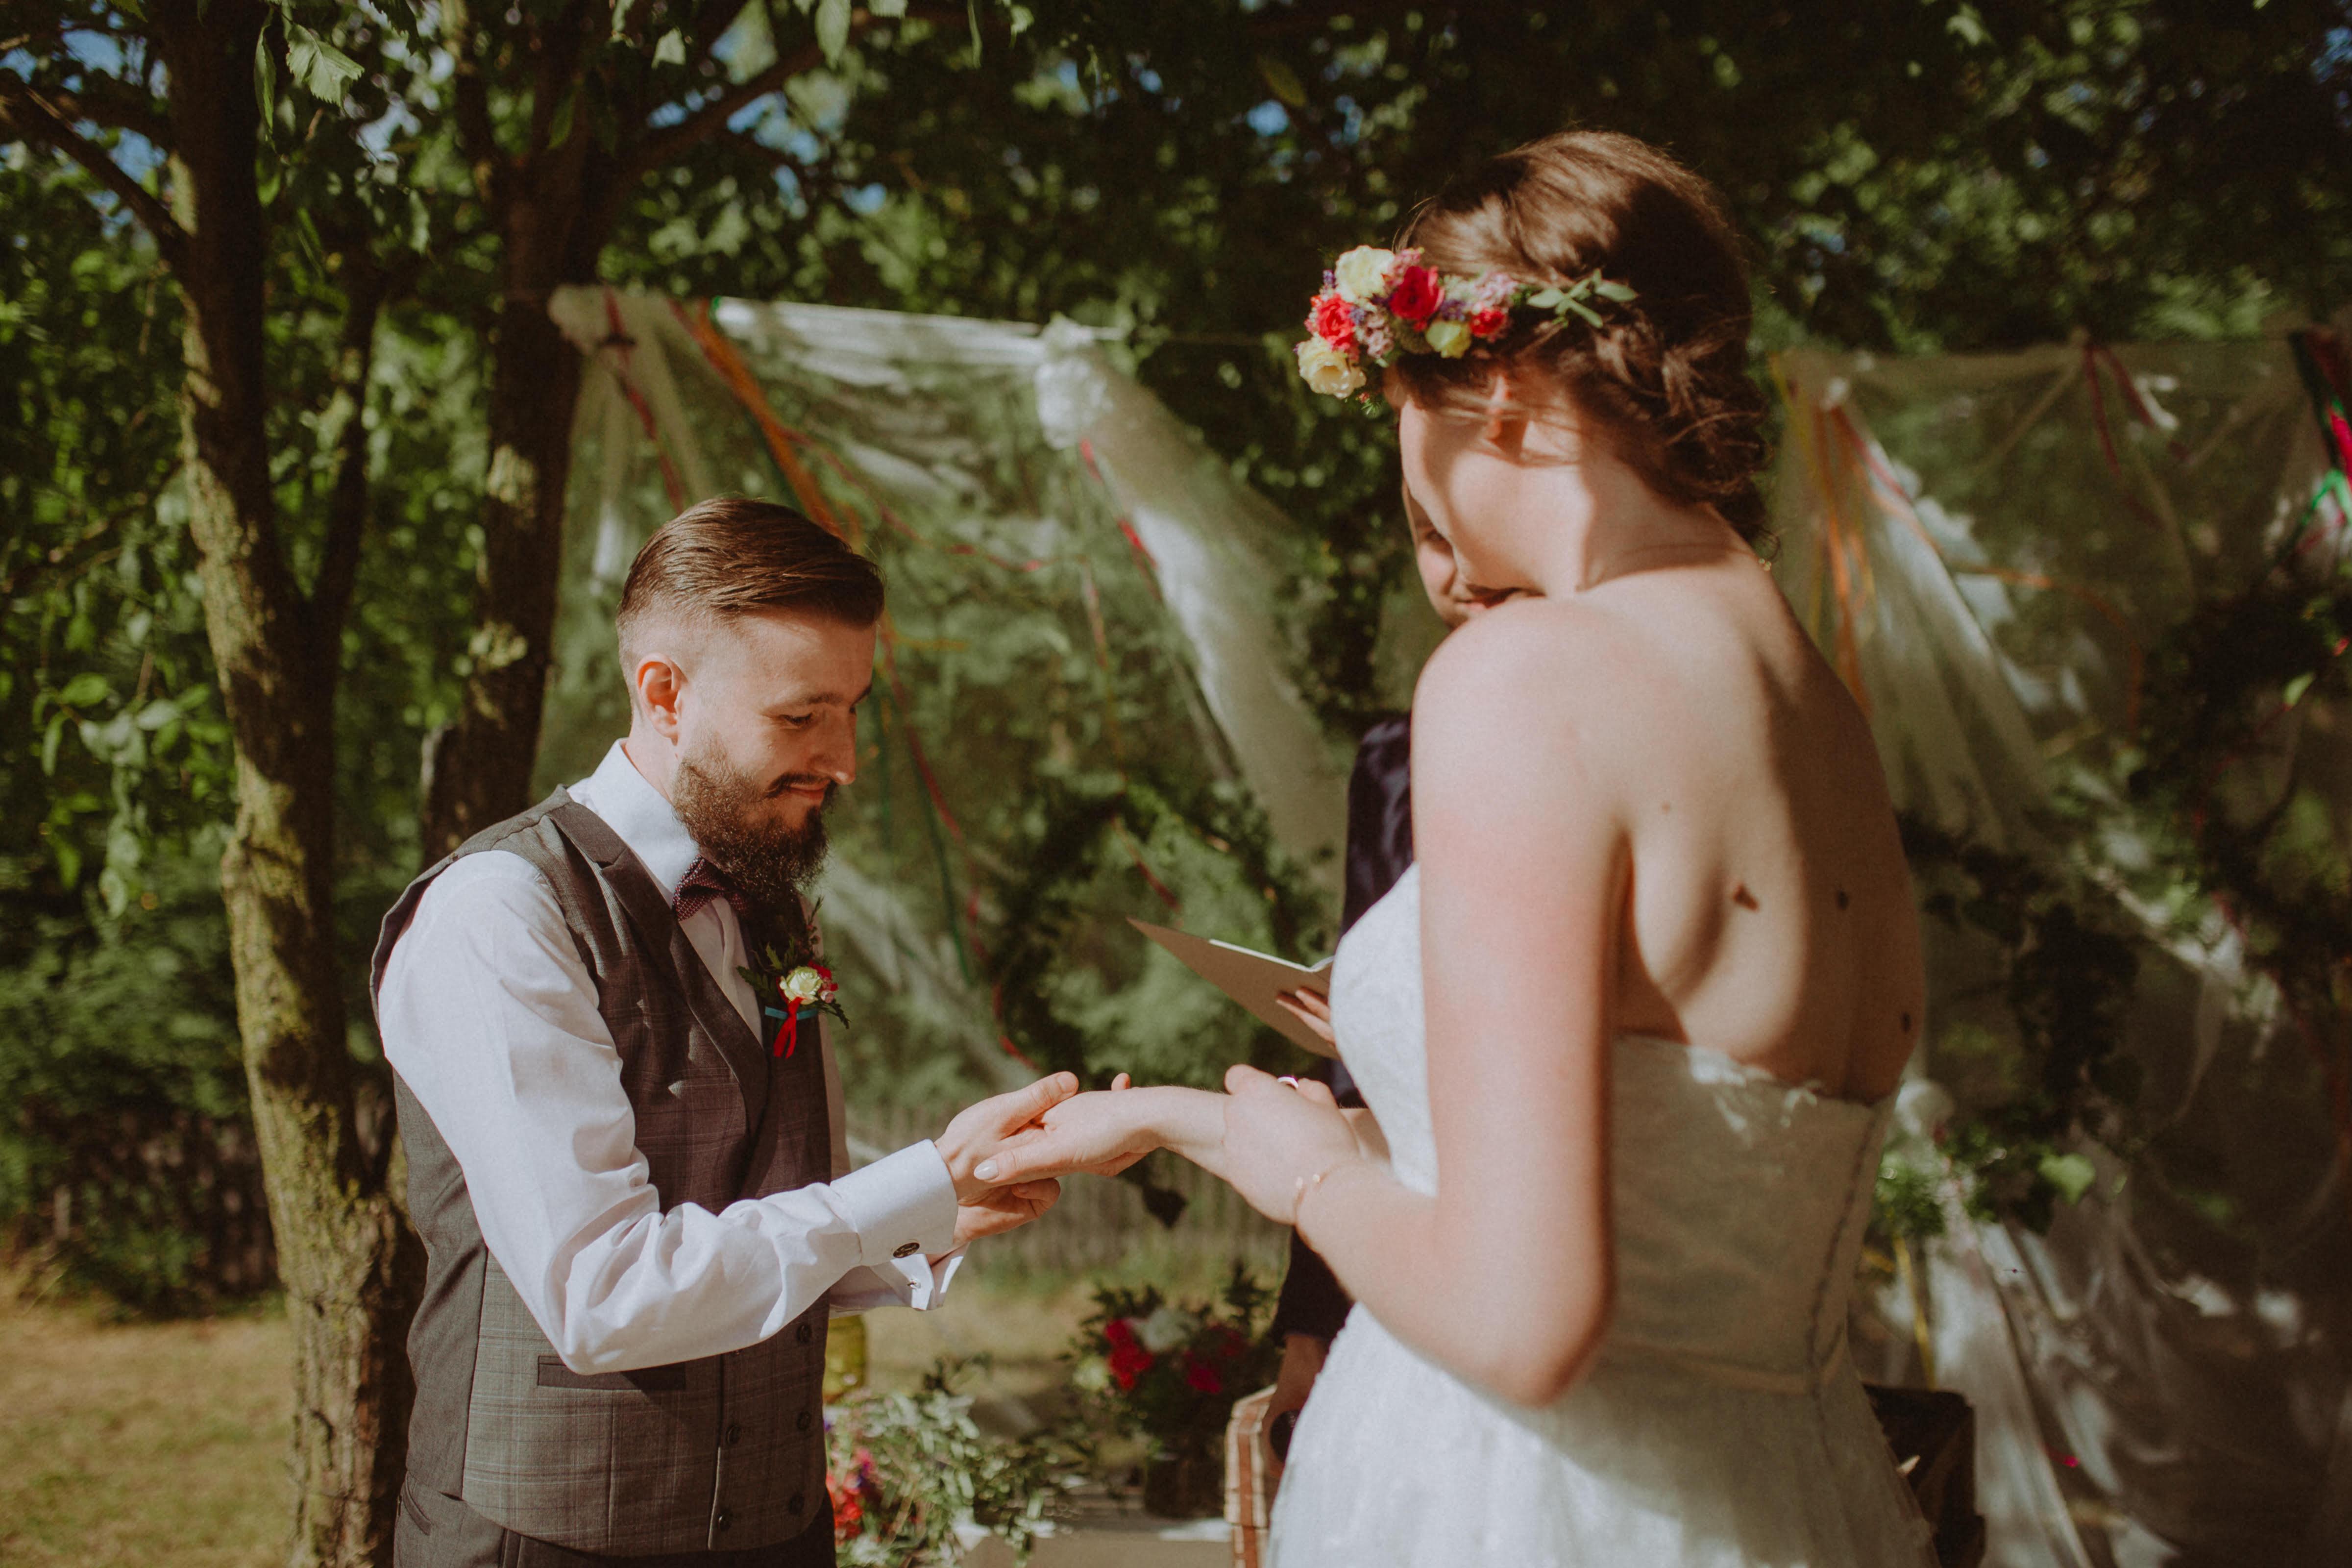 zdjęcie - odnowienie przysięgi małżeńskiej